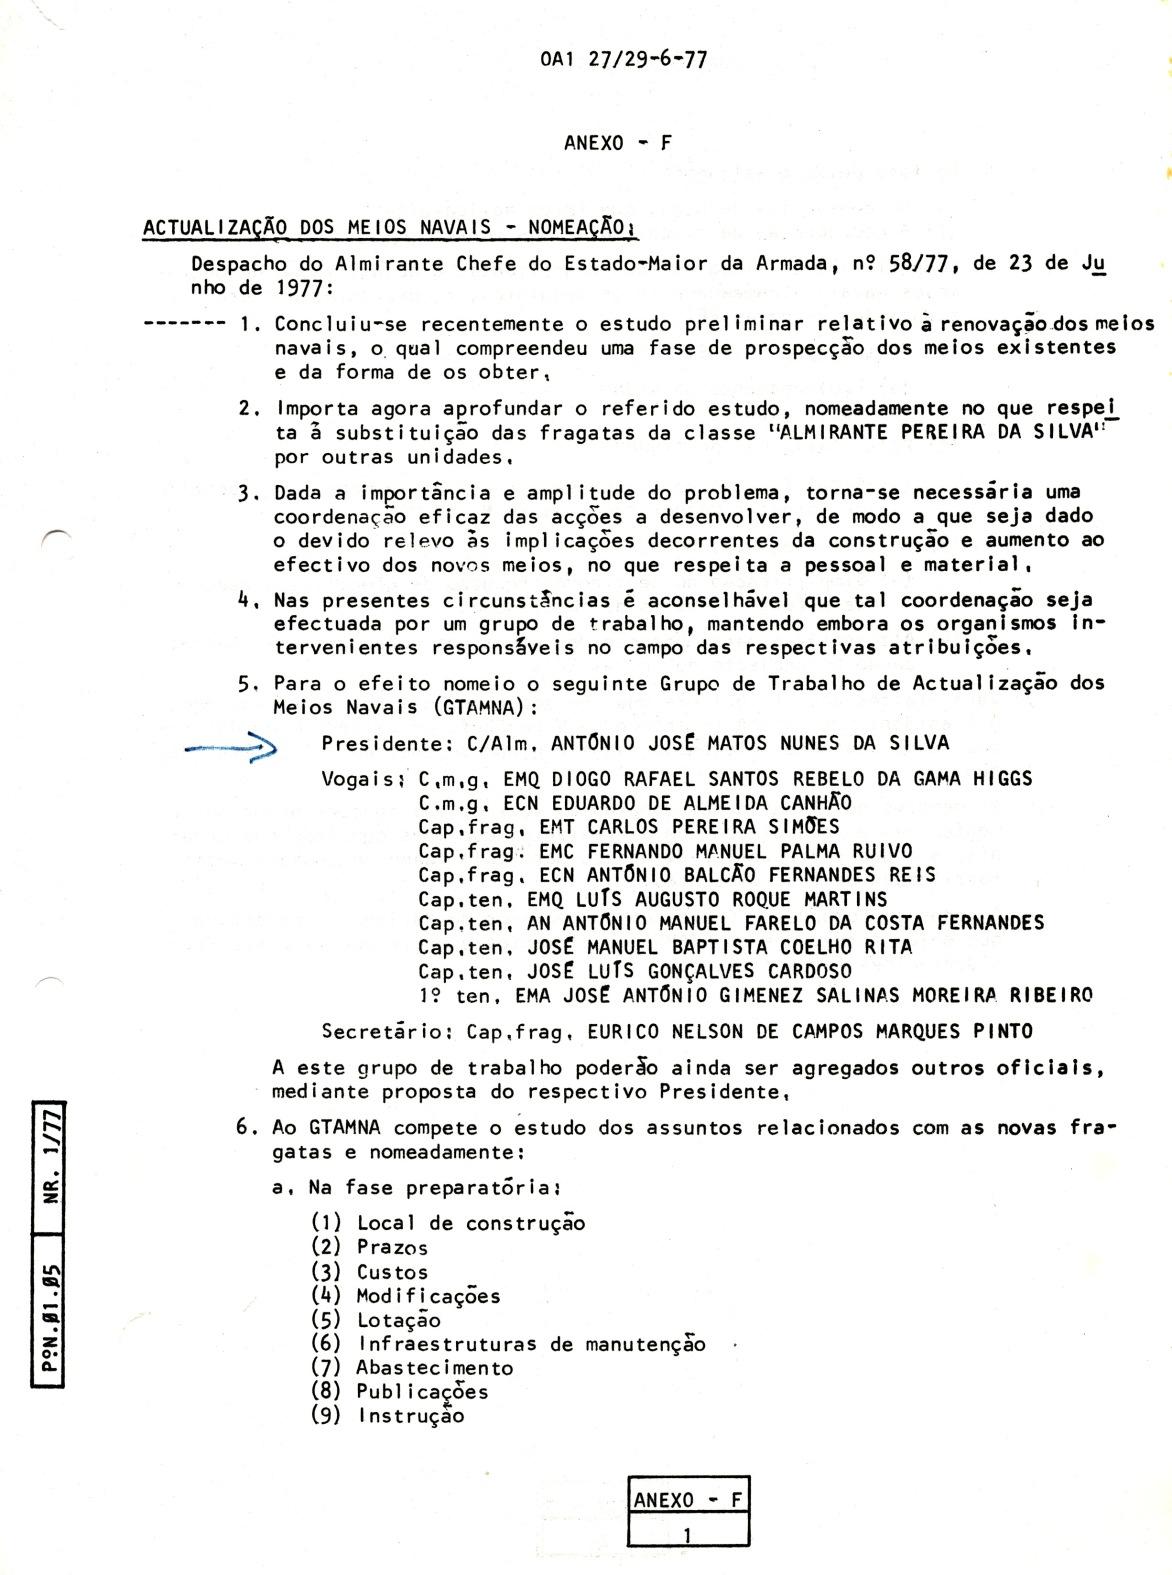 00821 977-06-23 Nomeação sob minha Presidência dum Grupo de Trabalho de Actualização dos Meios Navais  -OA1 27 de 29-6 Anexo F pg 1